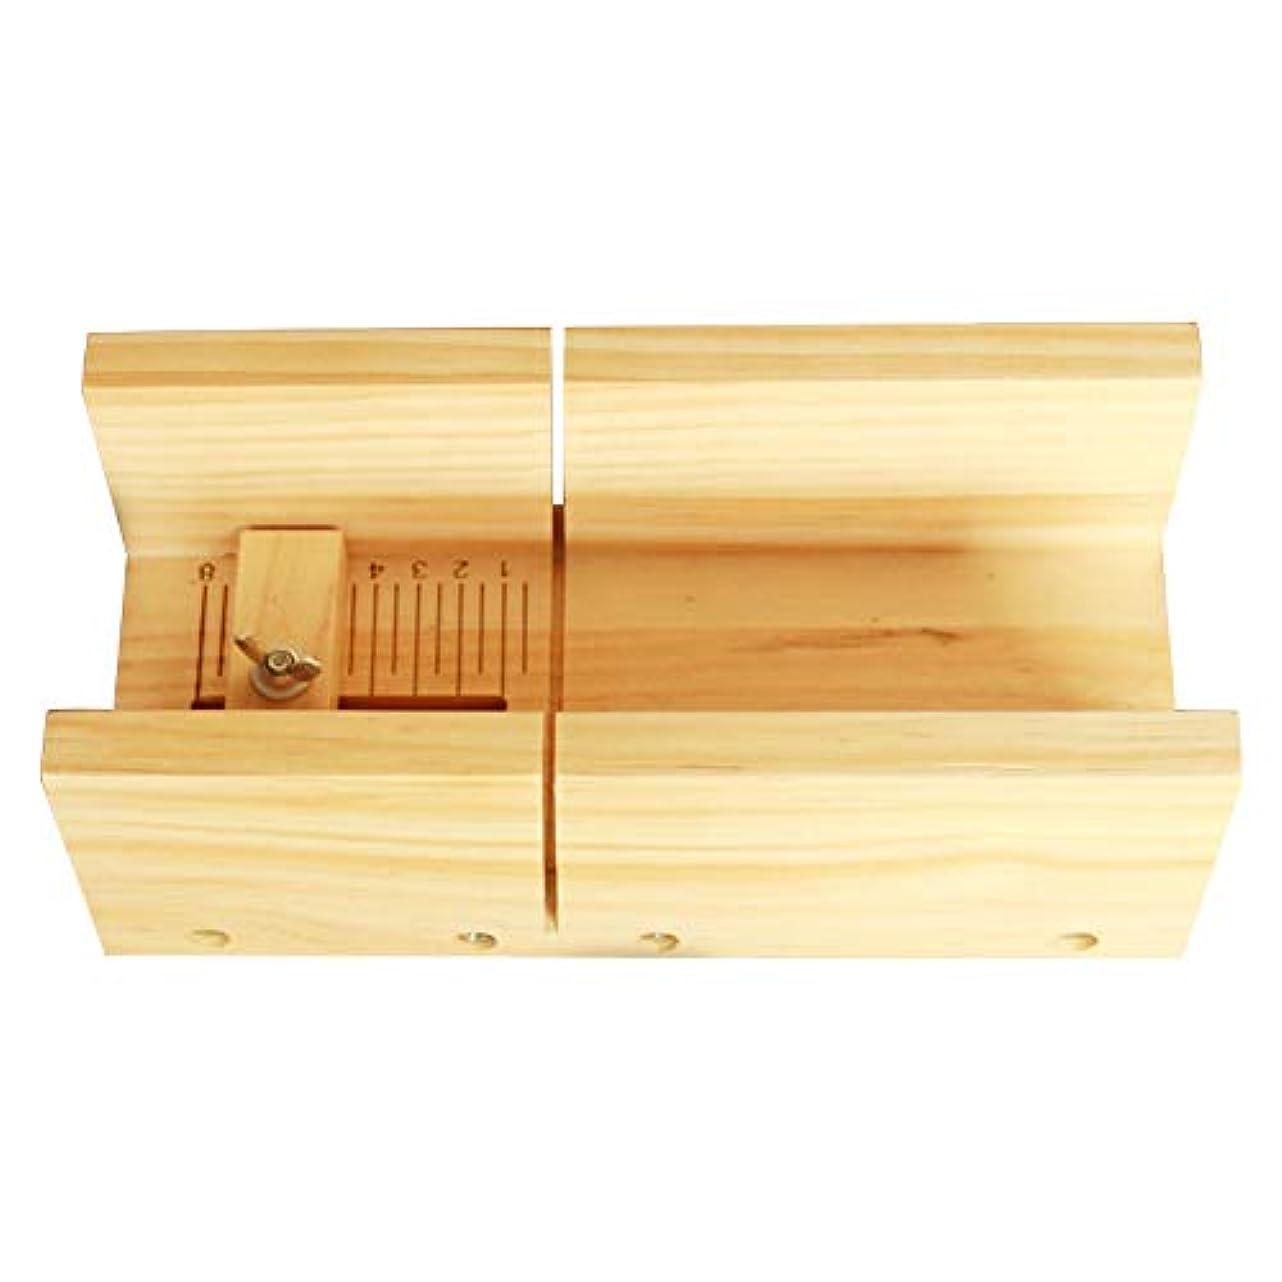 ロードブロッキング伝染病甥ソープカッター、多機能ソープカッターキャンドルケーキチョコレートカッティングツール木製ボックス器具キャンドルスケール用DIYクラフトを作る